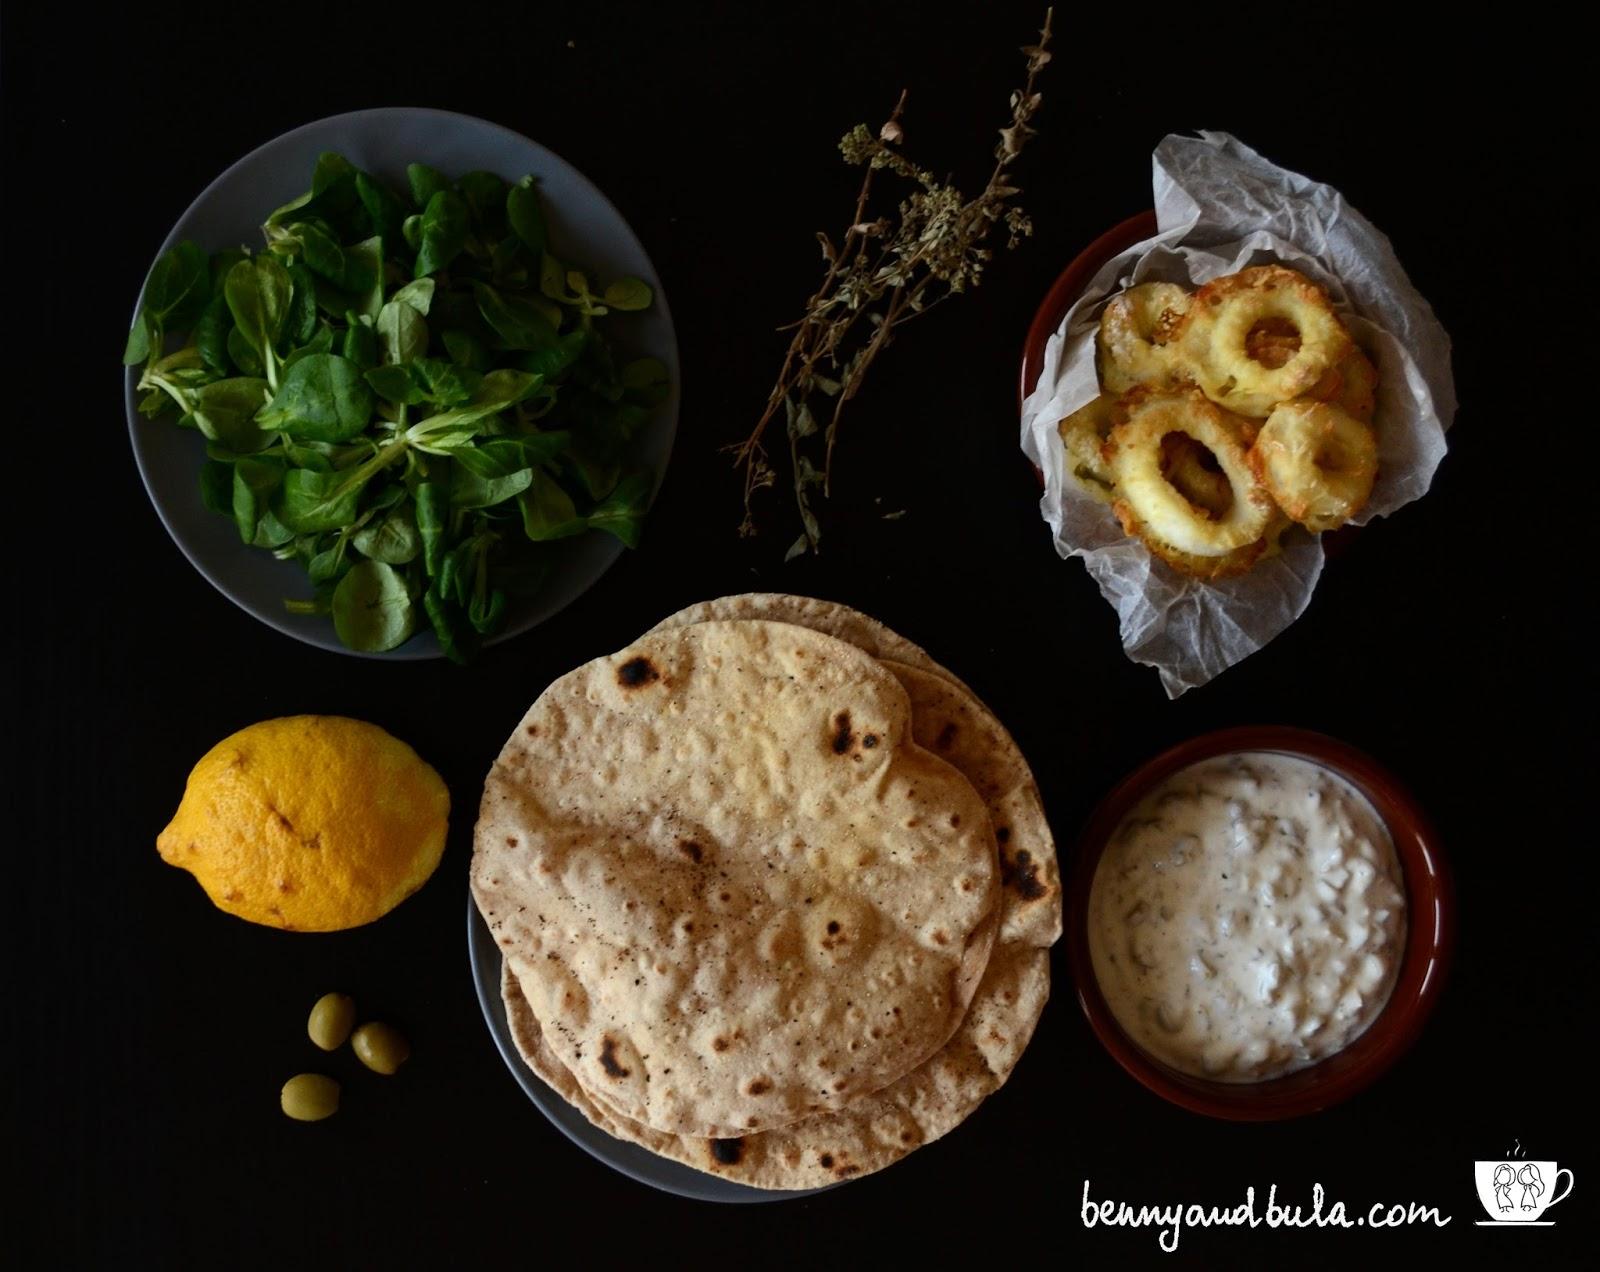 ricetta veloce light calamari con salsa allo yougurt/quick recipe squid, youghurt dressing